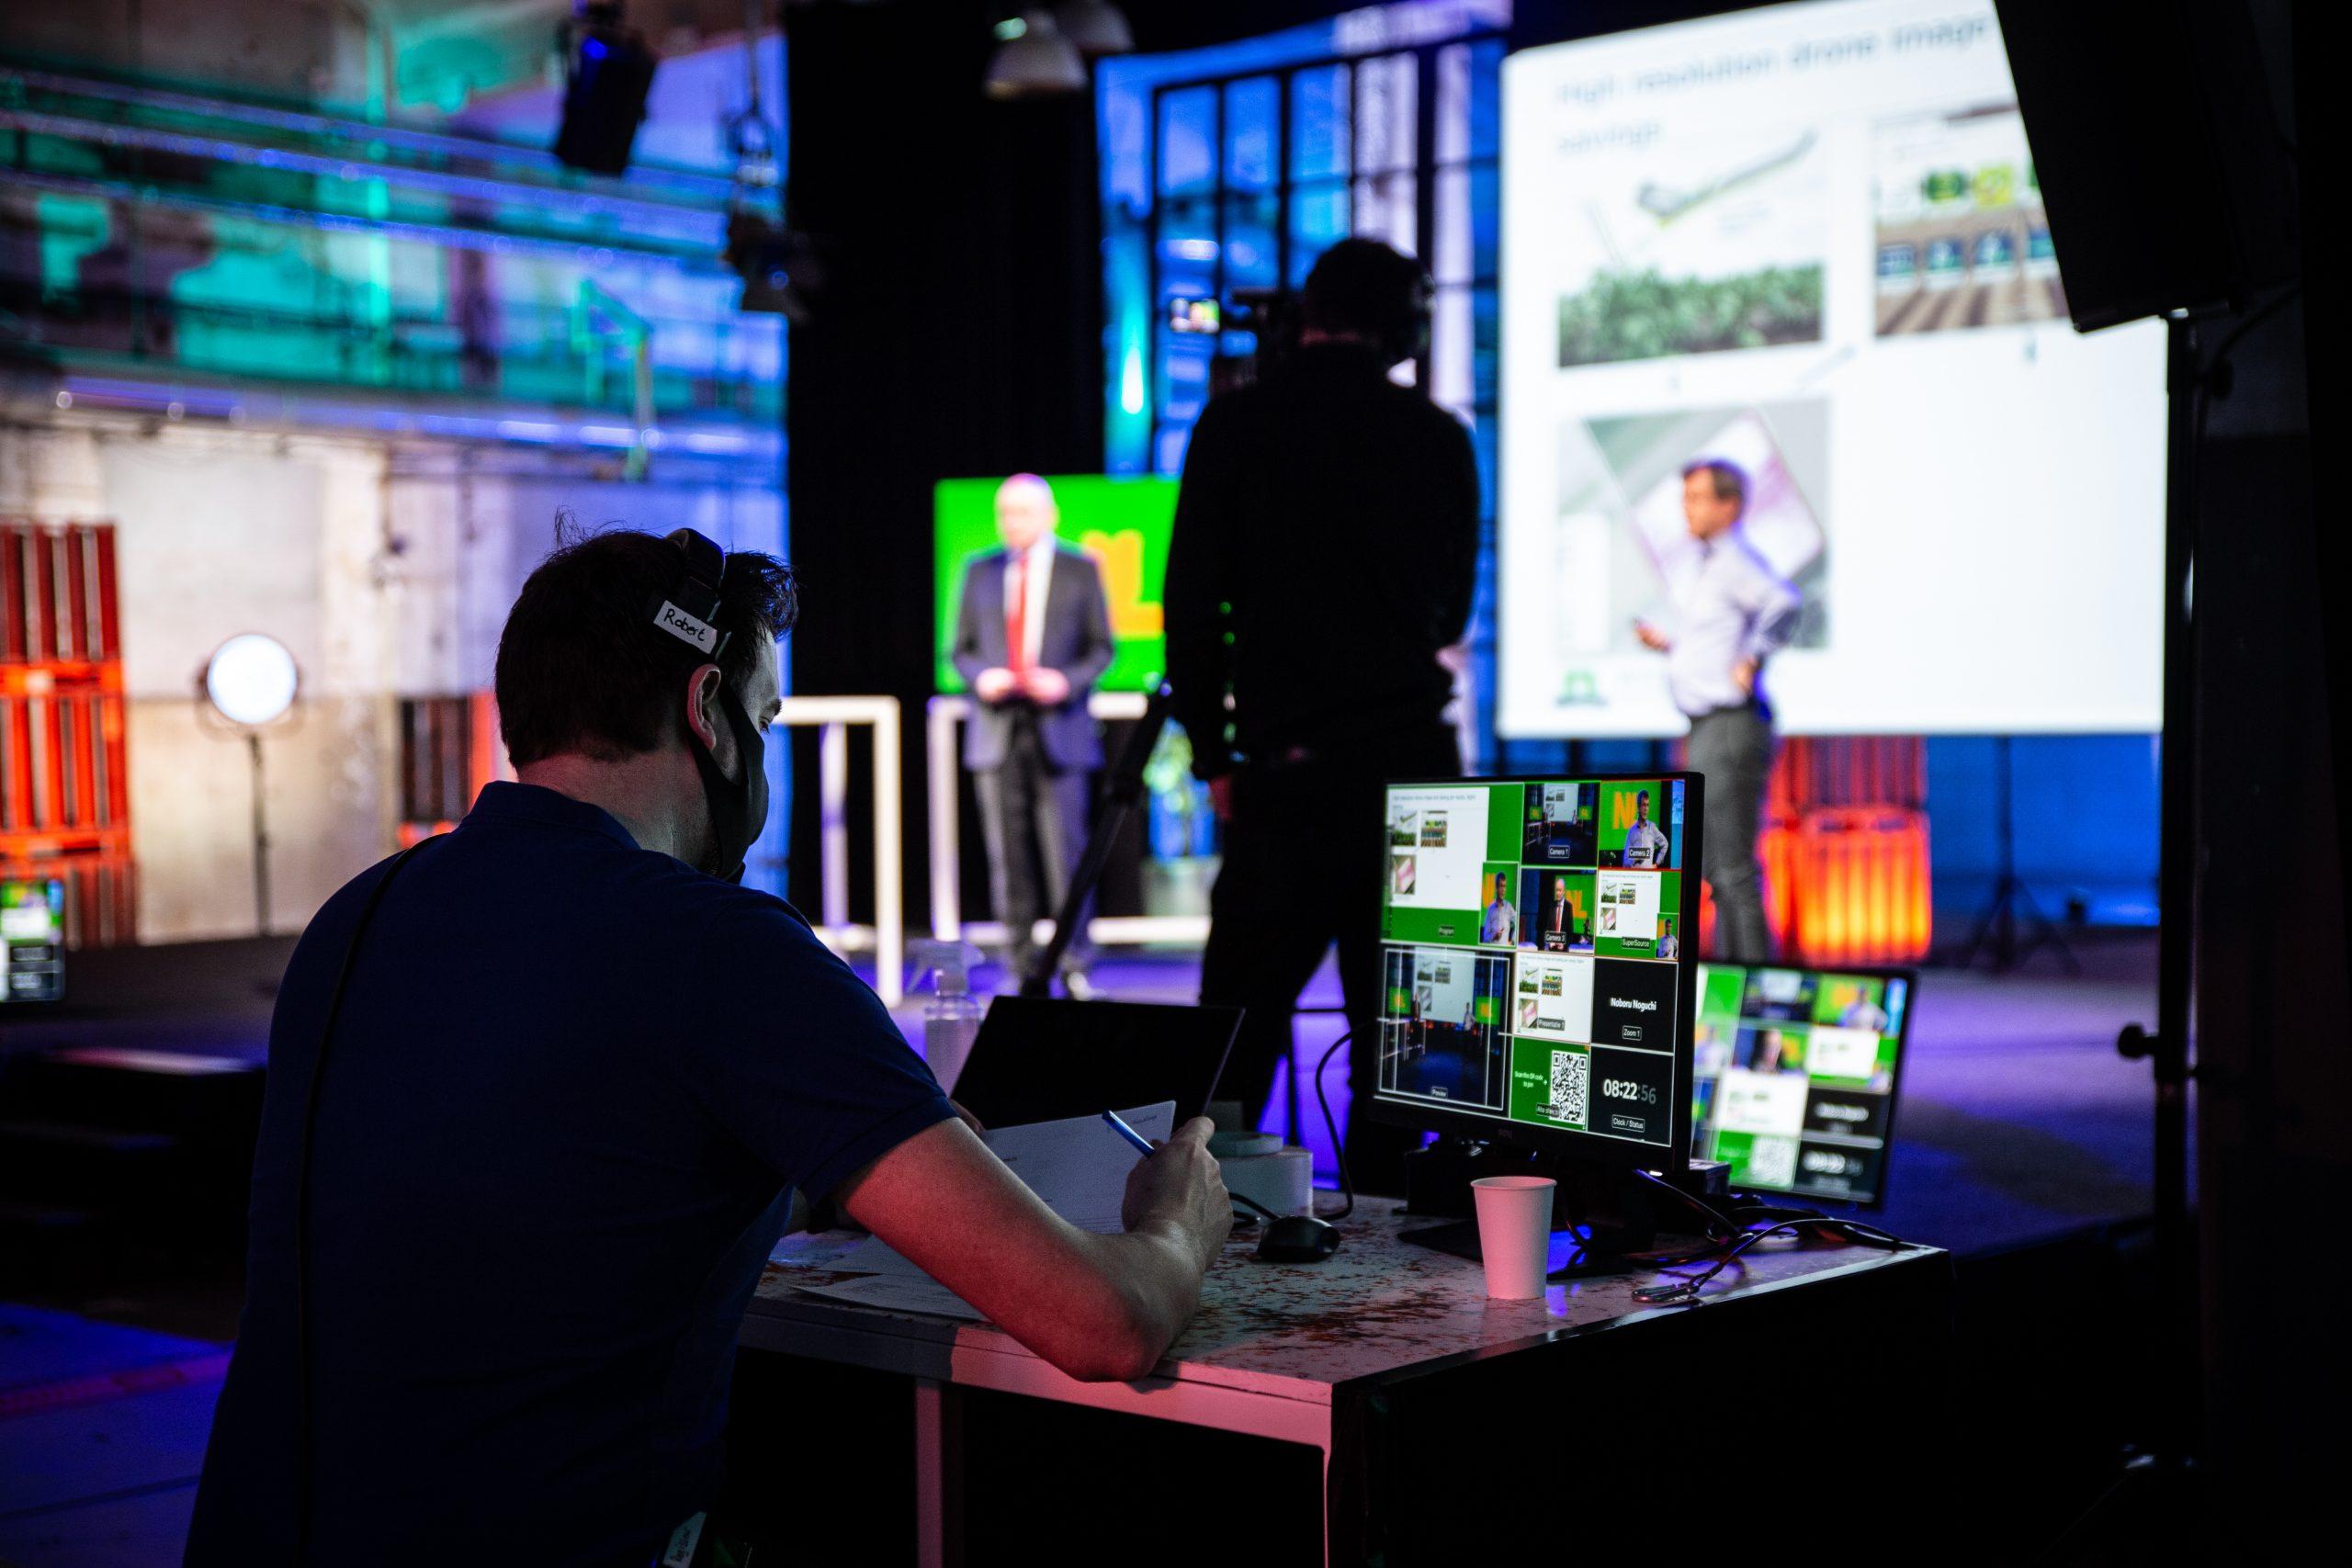 Een week met bijeenkomsten, shows en een virtuele handelsmissie